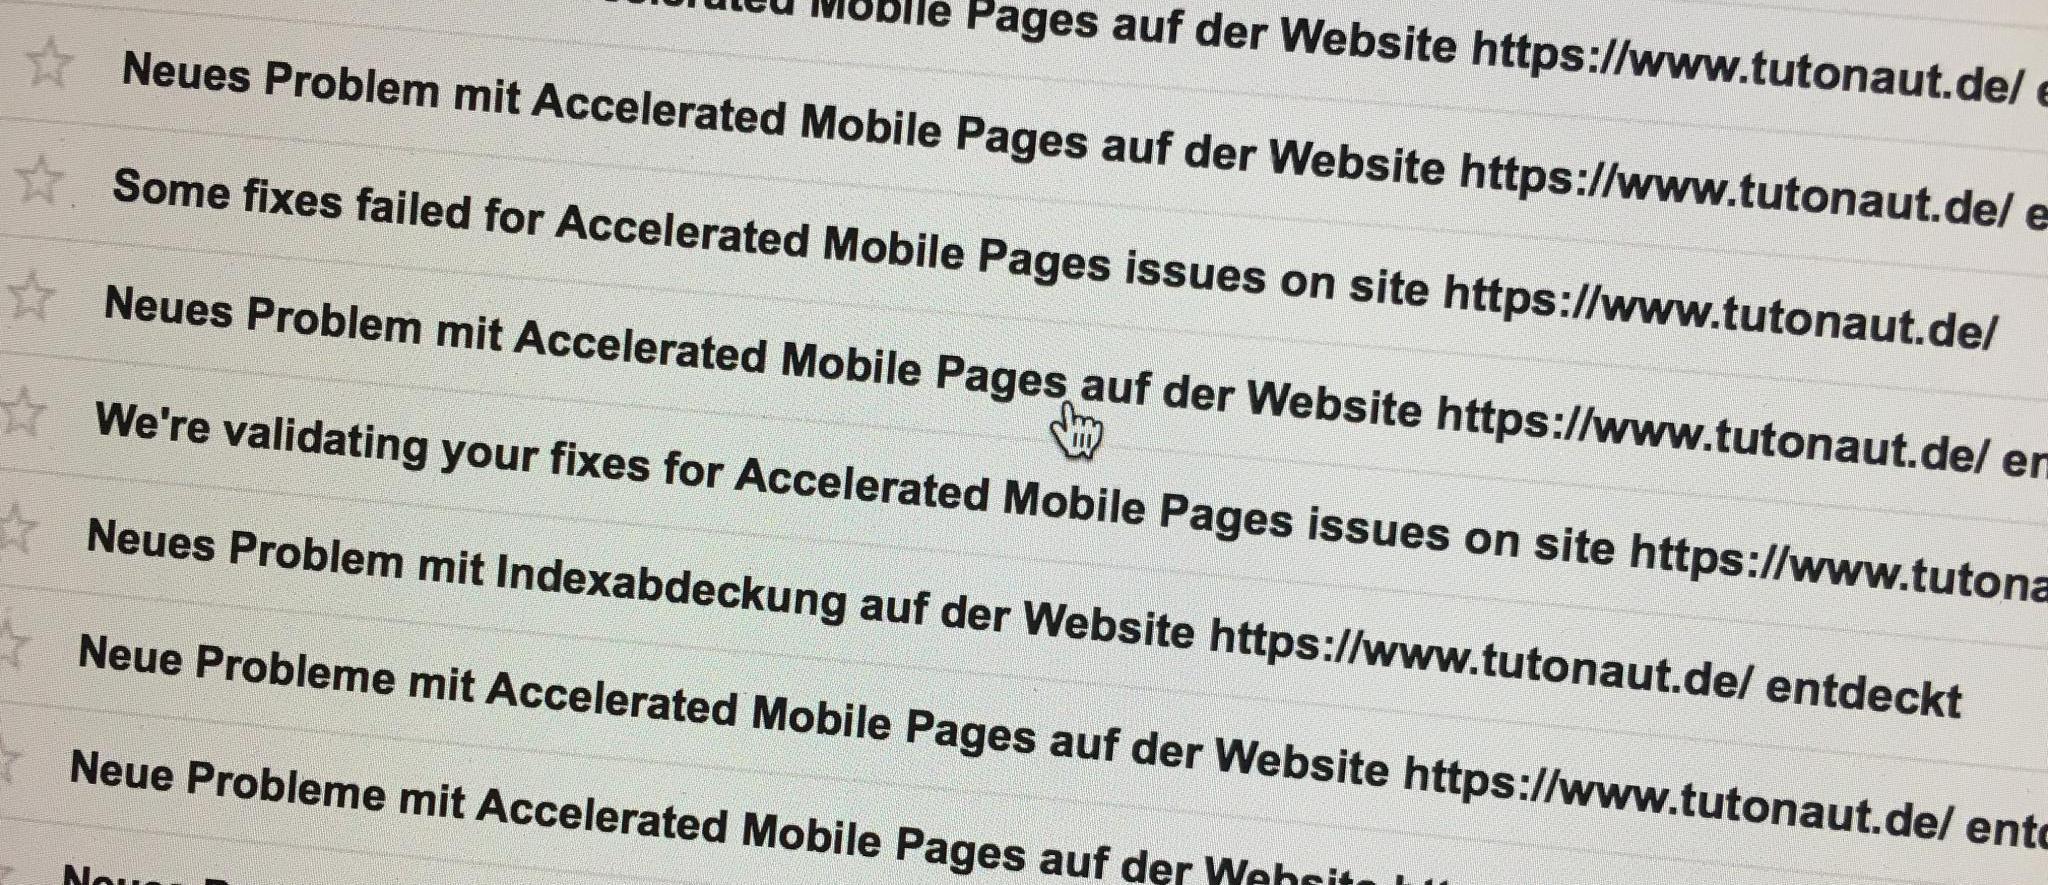 Und die Google Suchkonsole meckert... AMP-Implementierung ist alles andere als einfach.